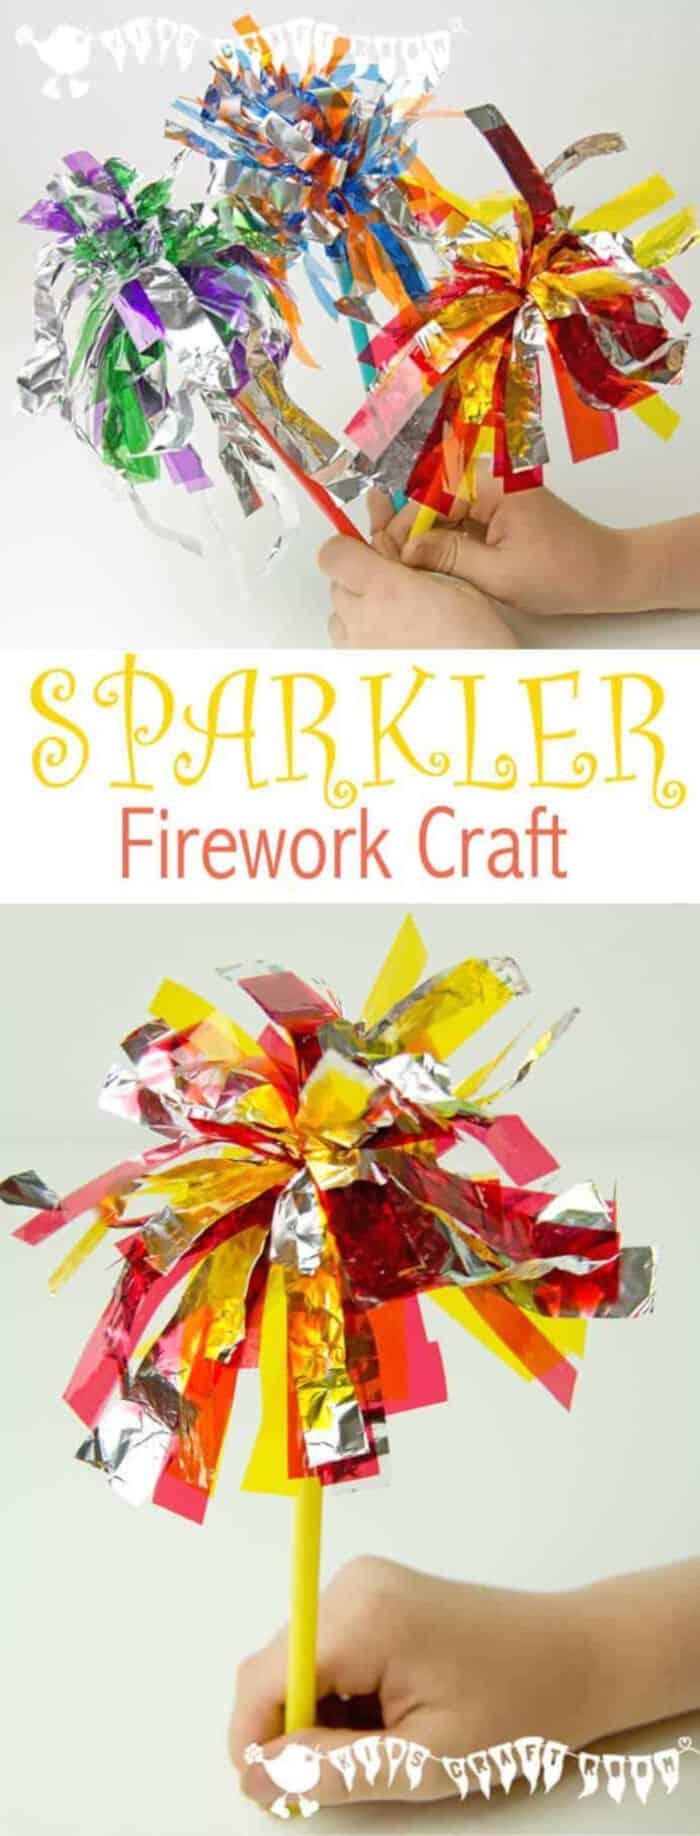 Sparkler Firework Craft for Kids by Kids Craft Room